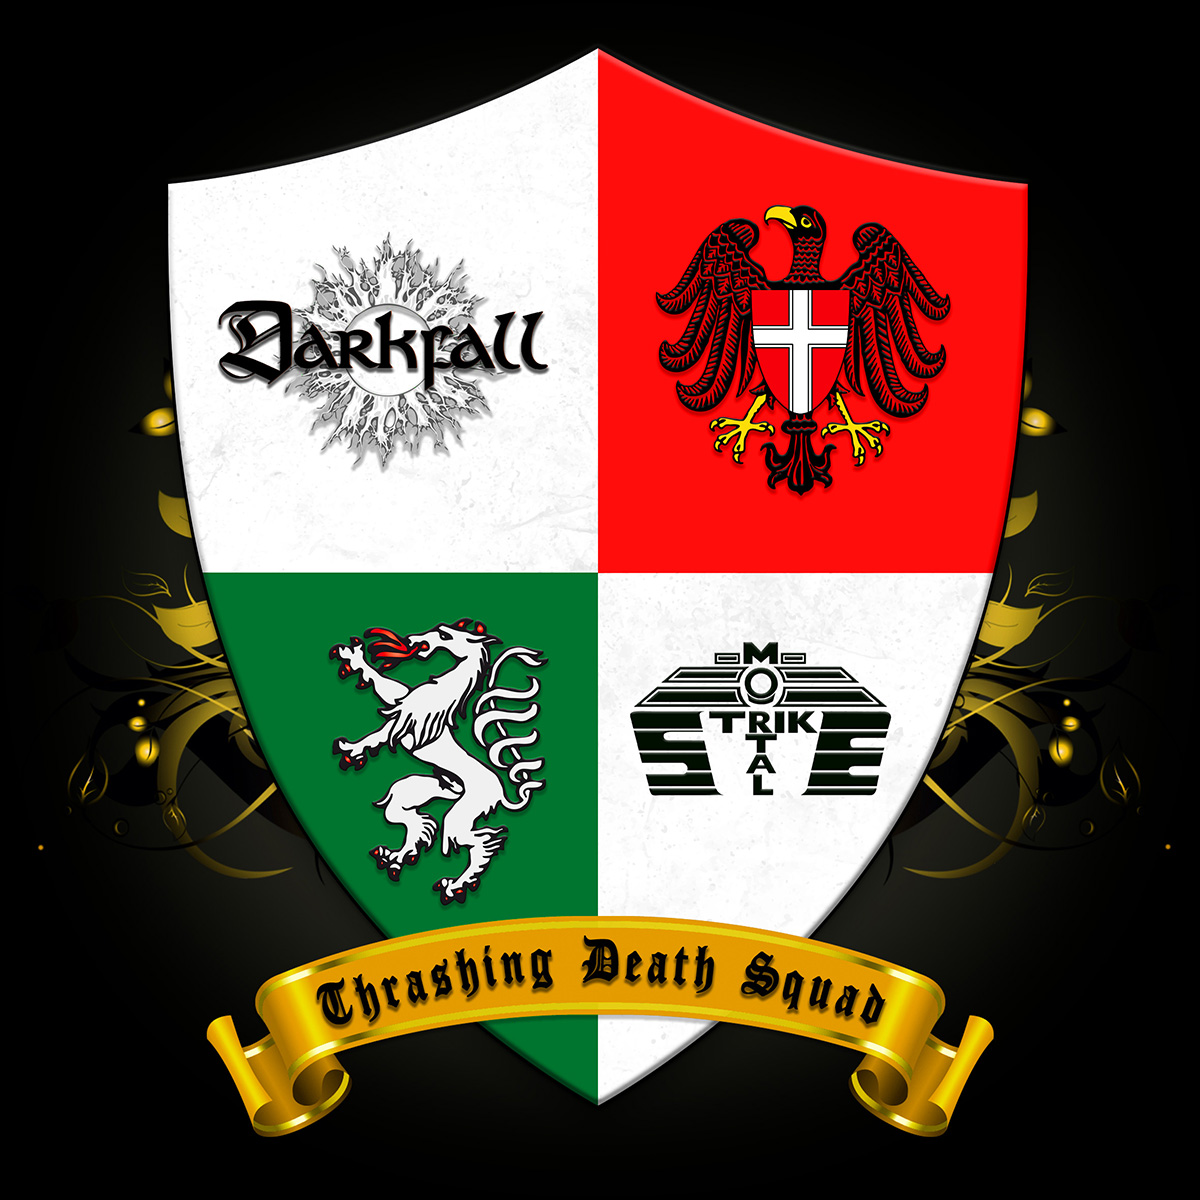 darkfall-mortal-strike-thrashing-death-squad-albumreview